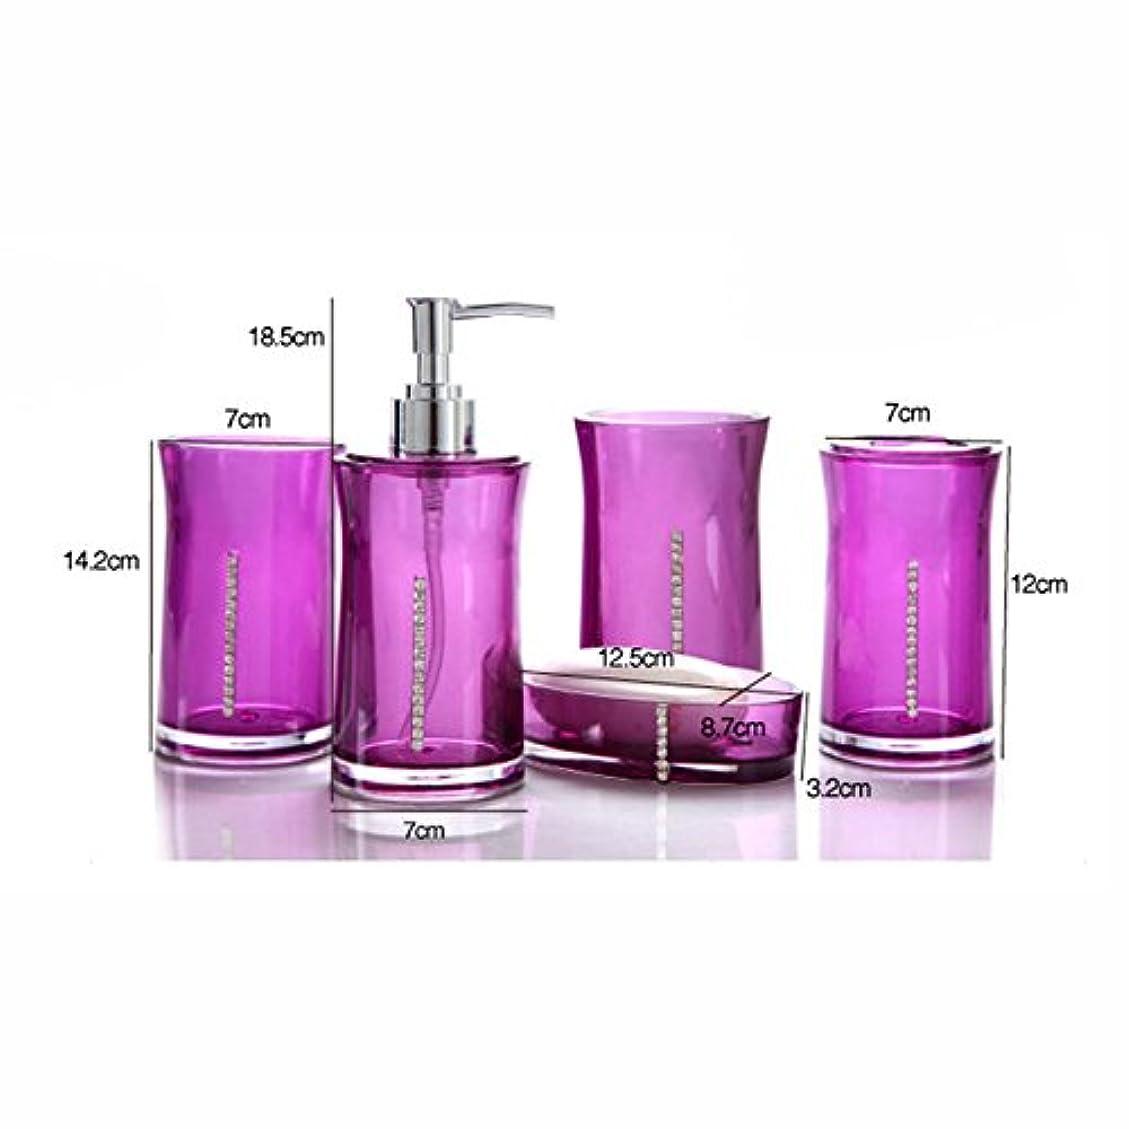 エイズ交通渋滞欠陥xlp シャワージェルアクリルボトル、キッチンバス用シャンプー液体石鹸ディスペンサーボトル (紫)